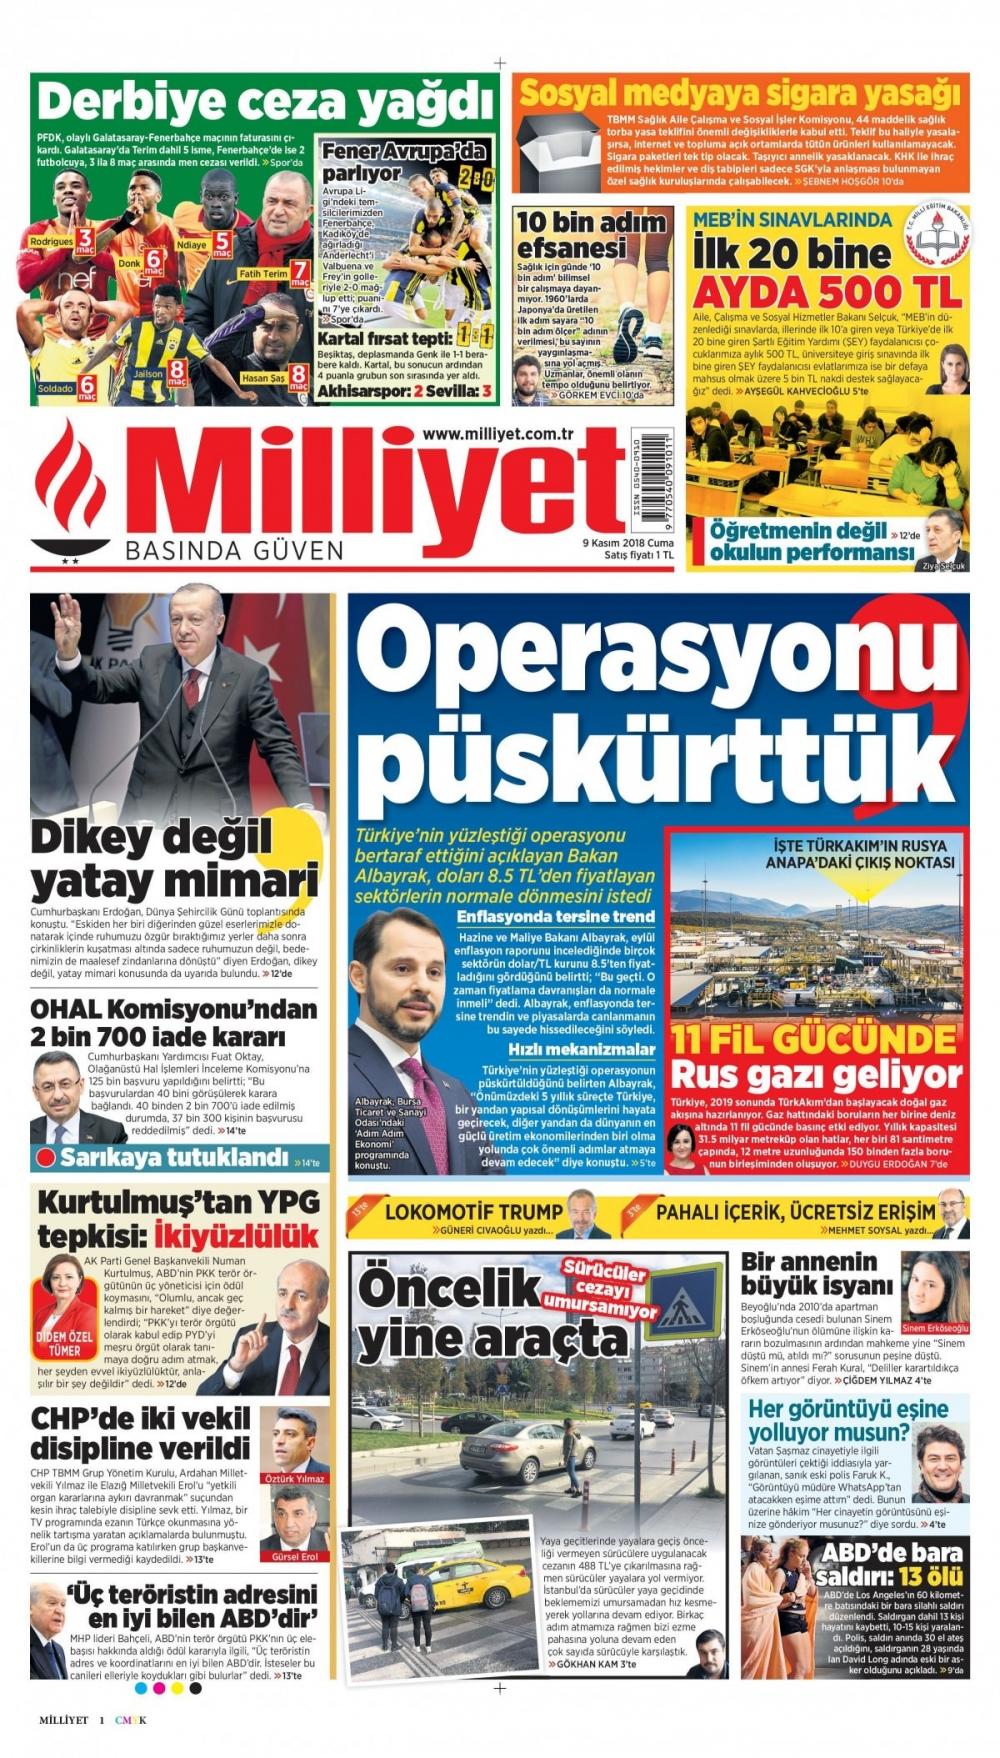 Günün gazete manşetleri (09.11.2018) 1